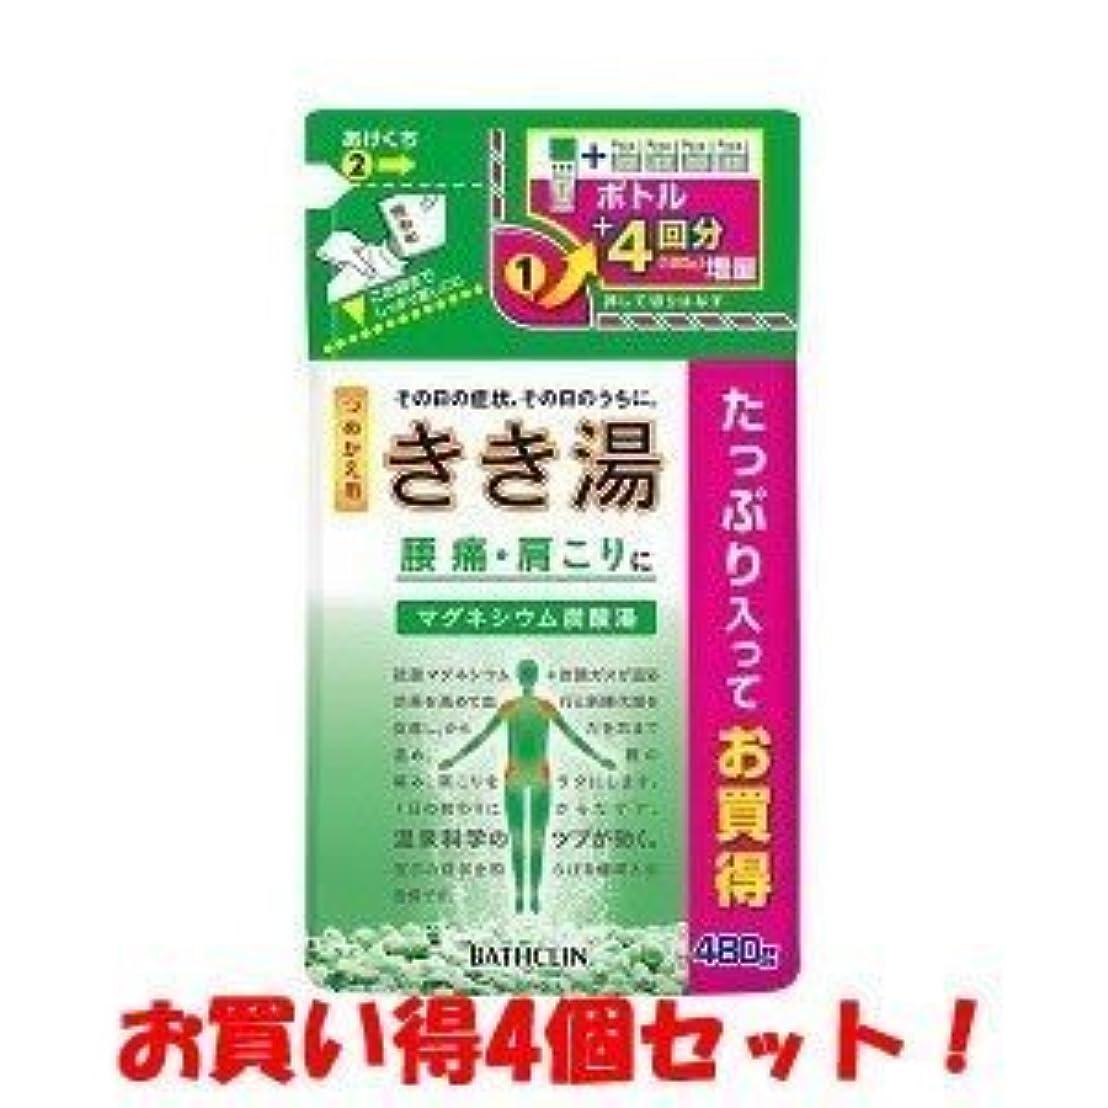 戦う保証ラダ(バスクリン)きき湯 マグネシウム炭酸湯 つめかえ用 480g(医薬部外品)(お買い得4個セット)